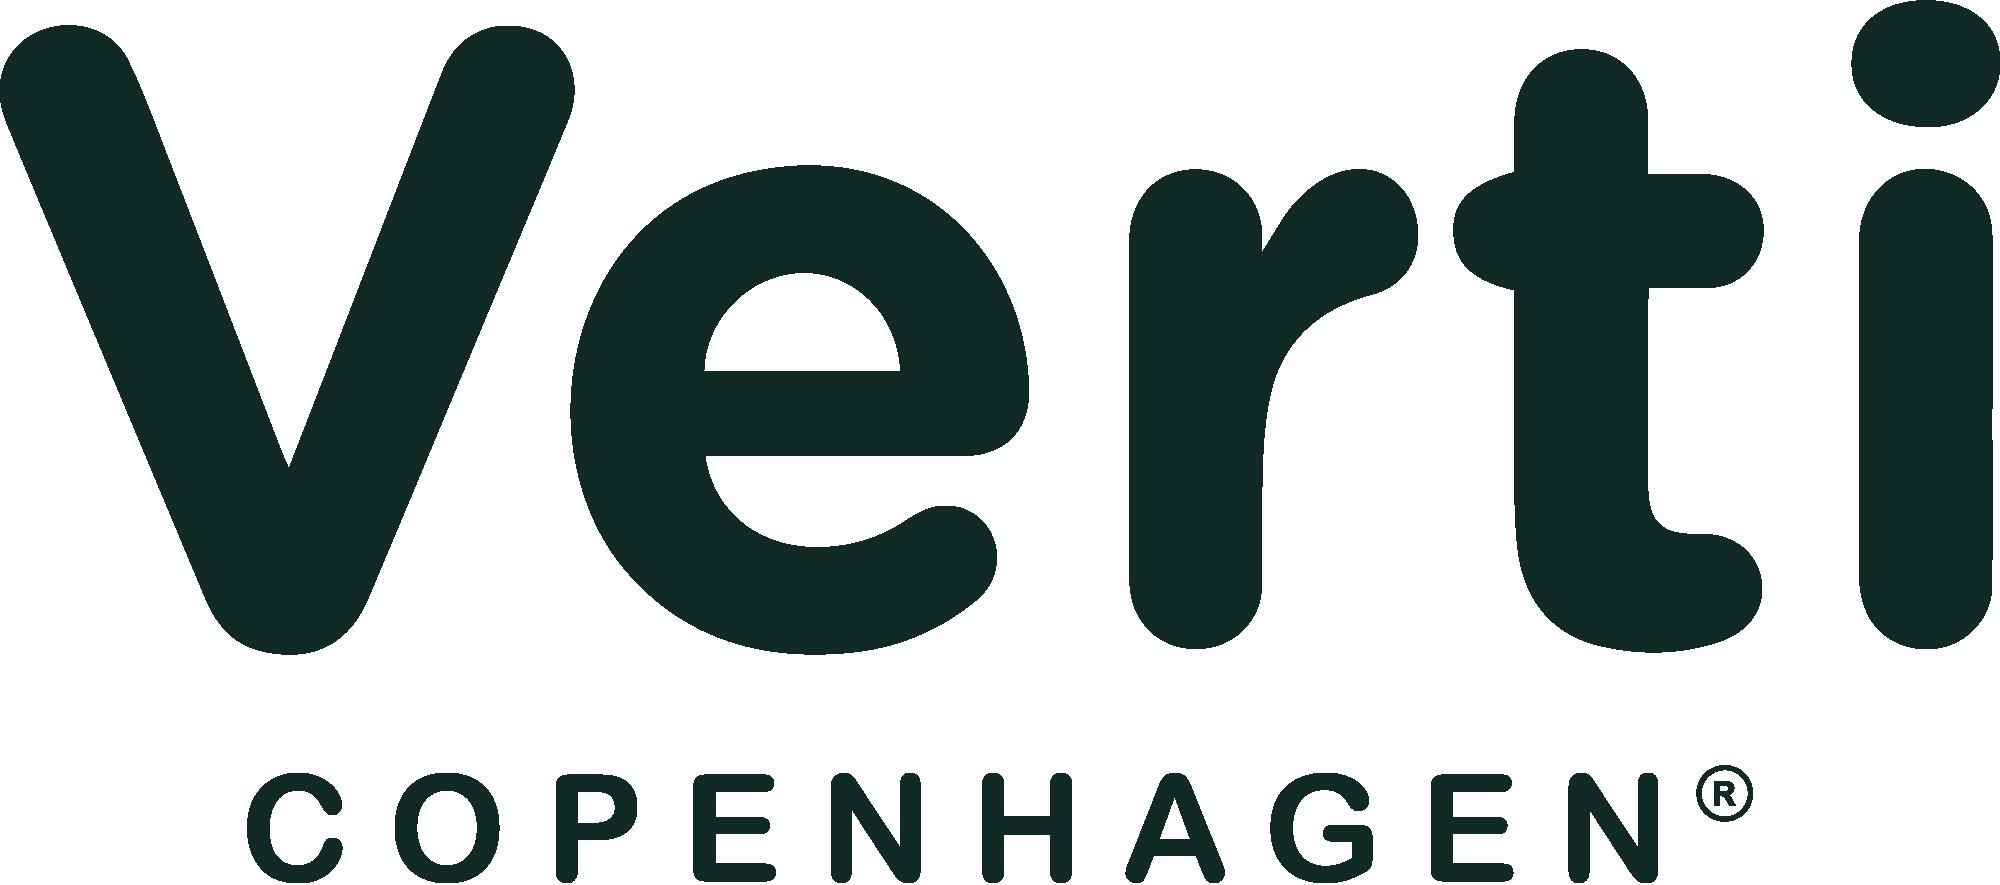 Verti Copenhagen